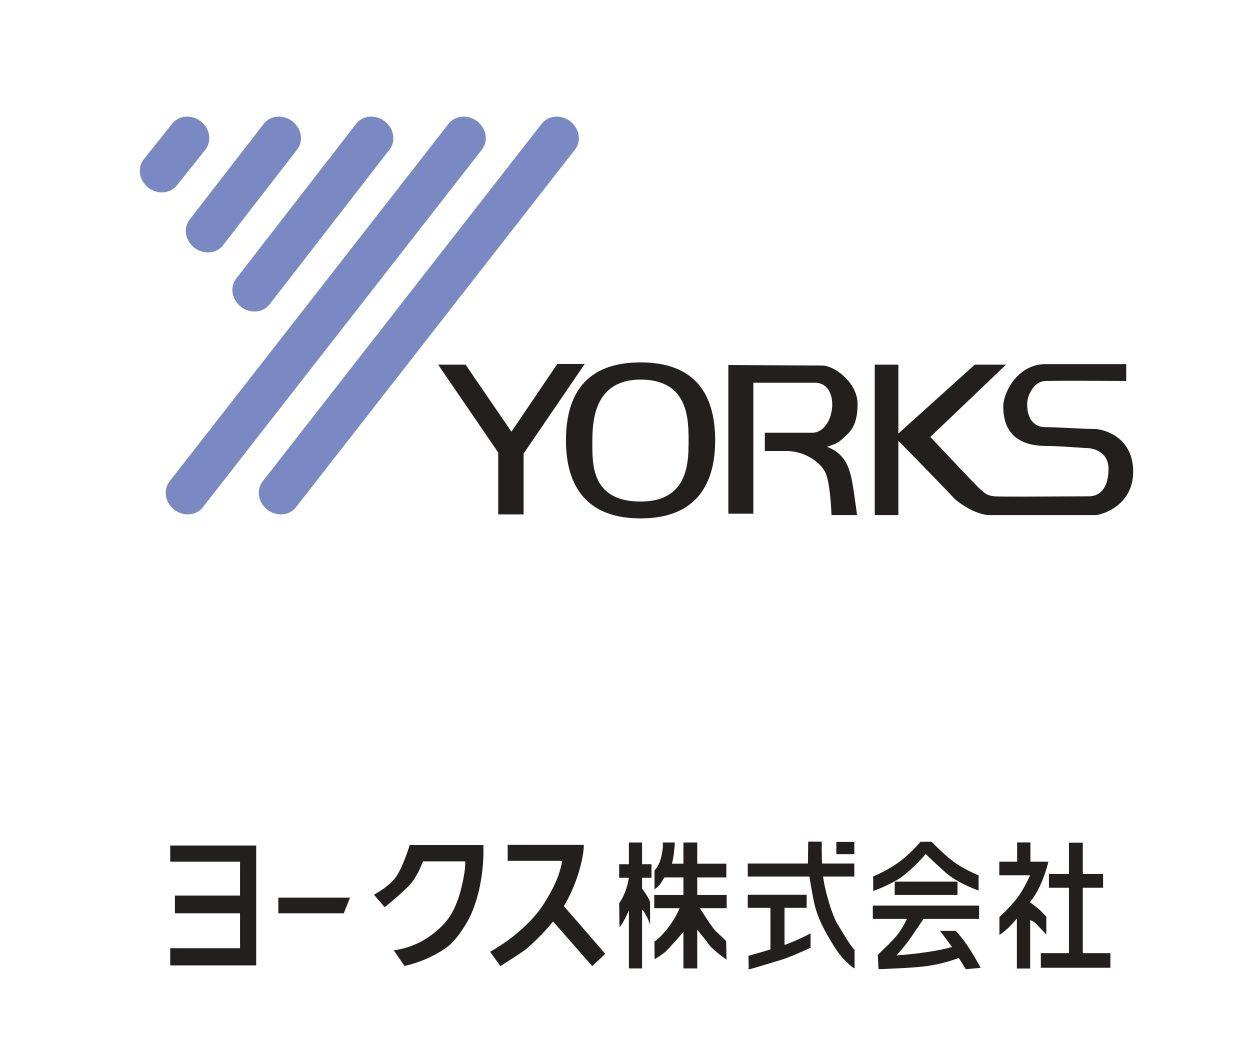 ヨークス株式会社